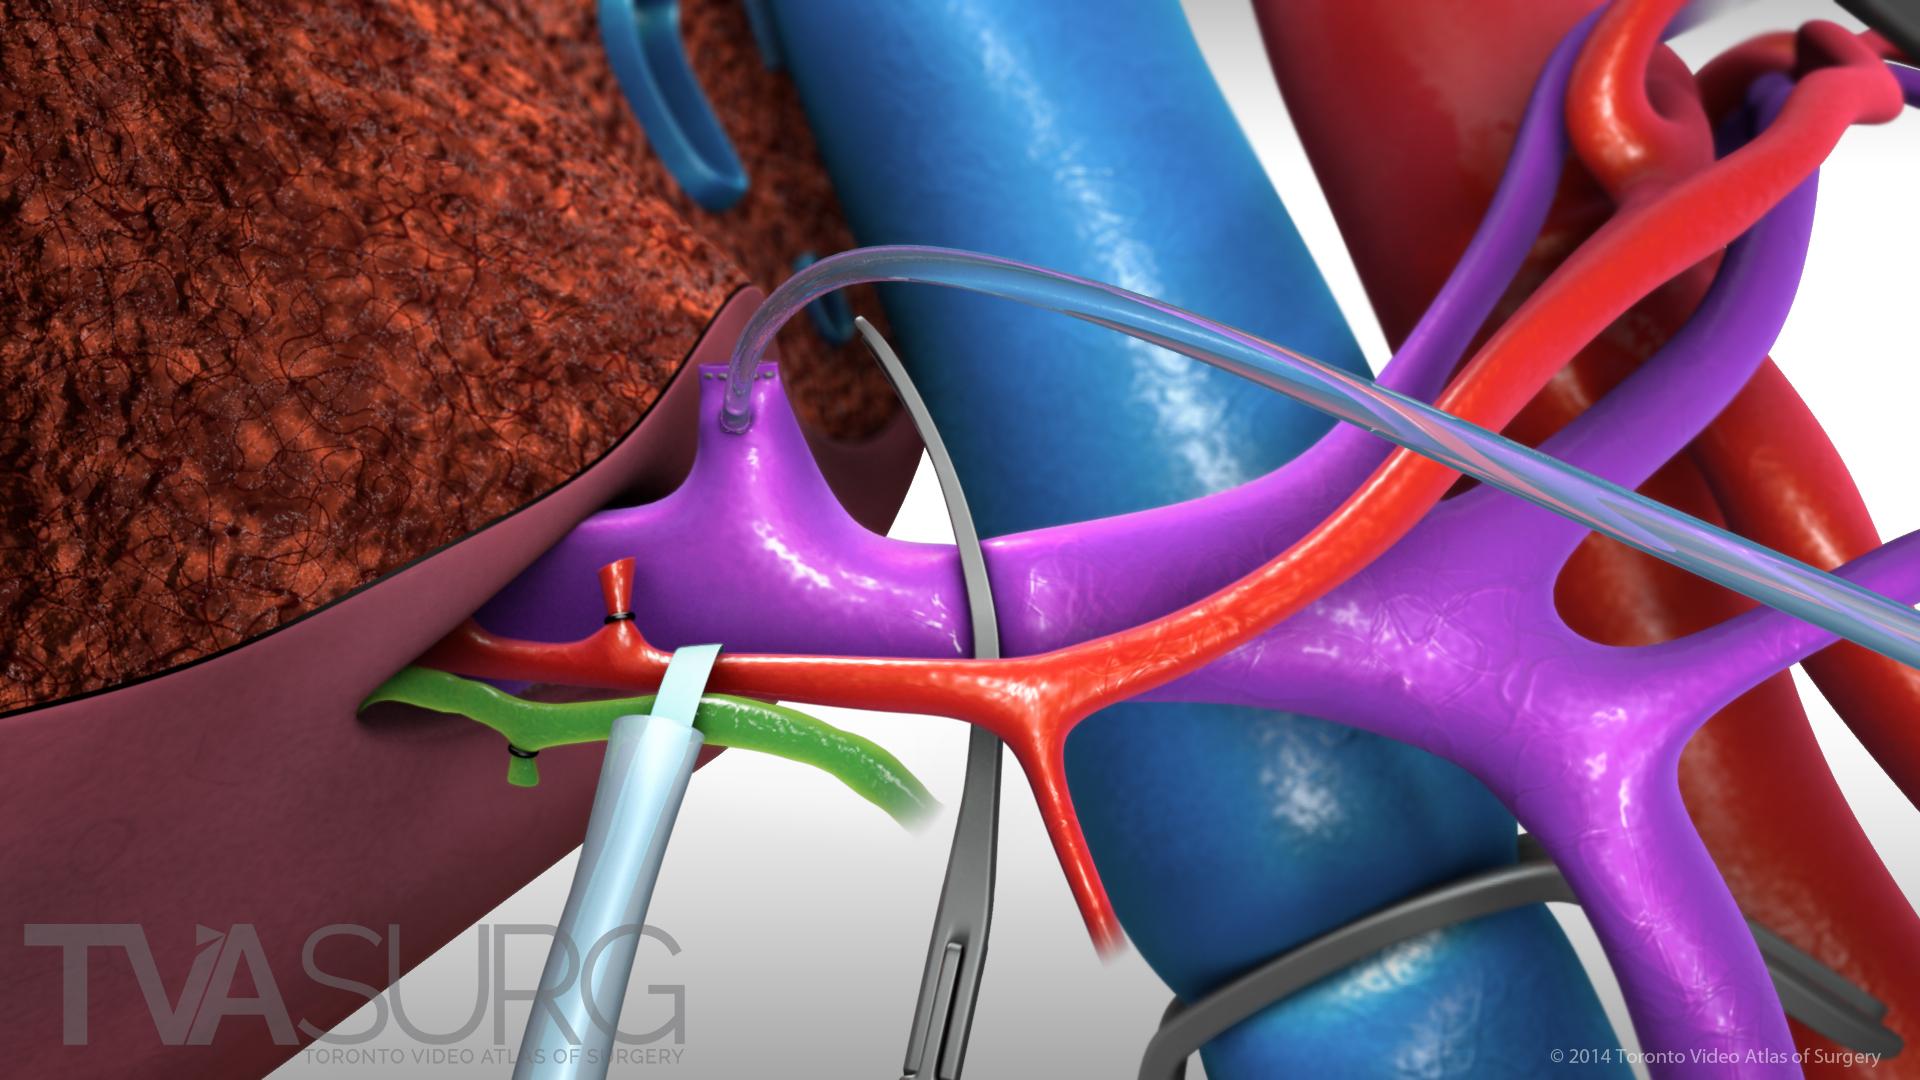 Extended Left Hepatectomy in situ setup